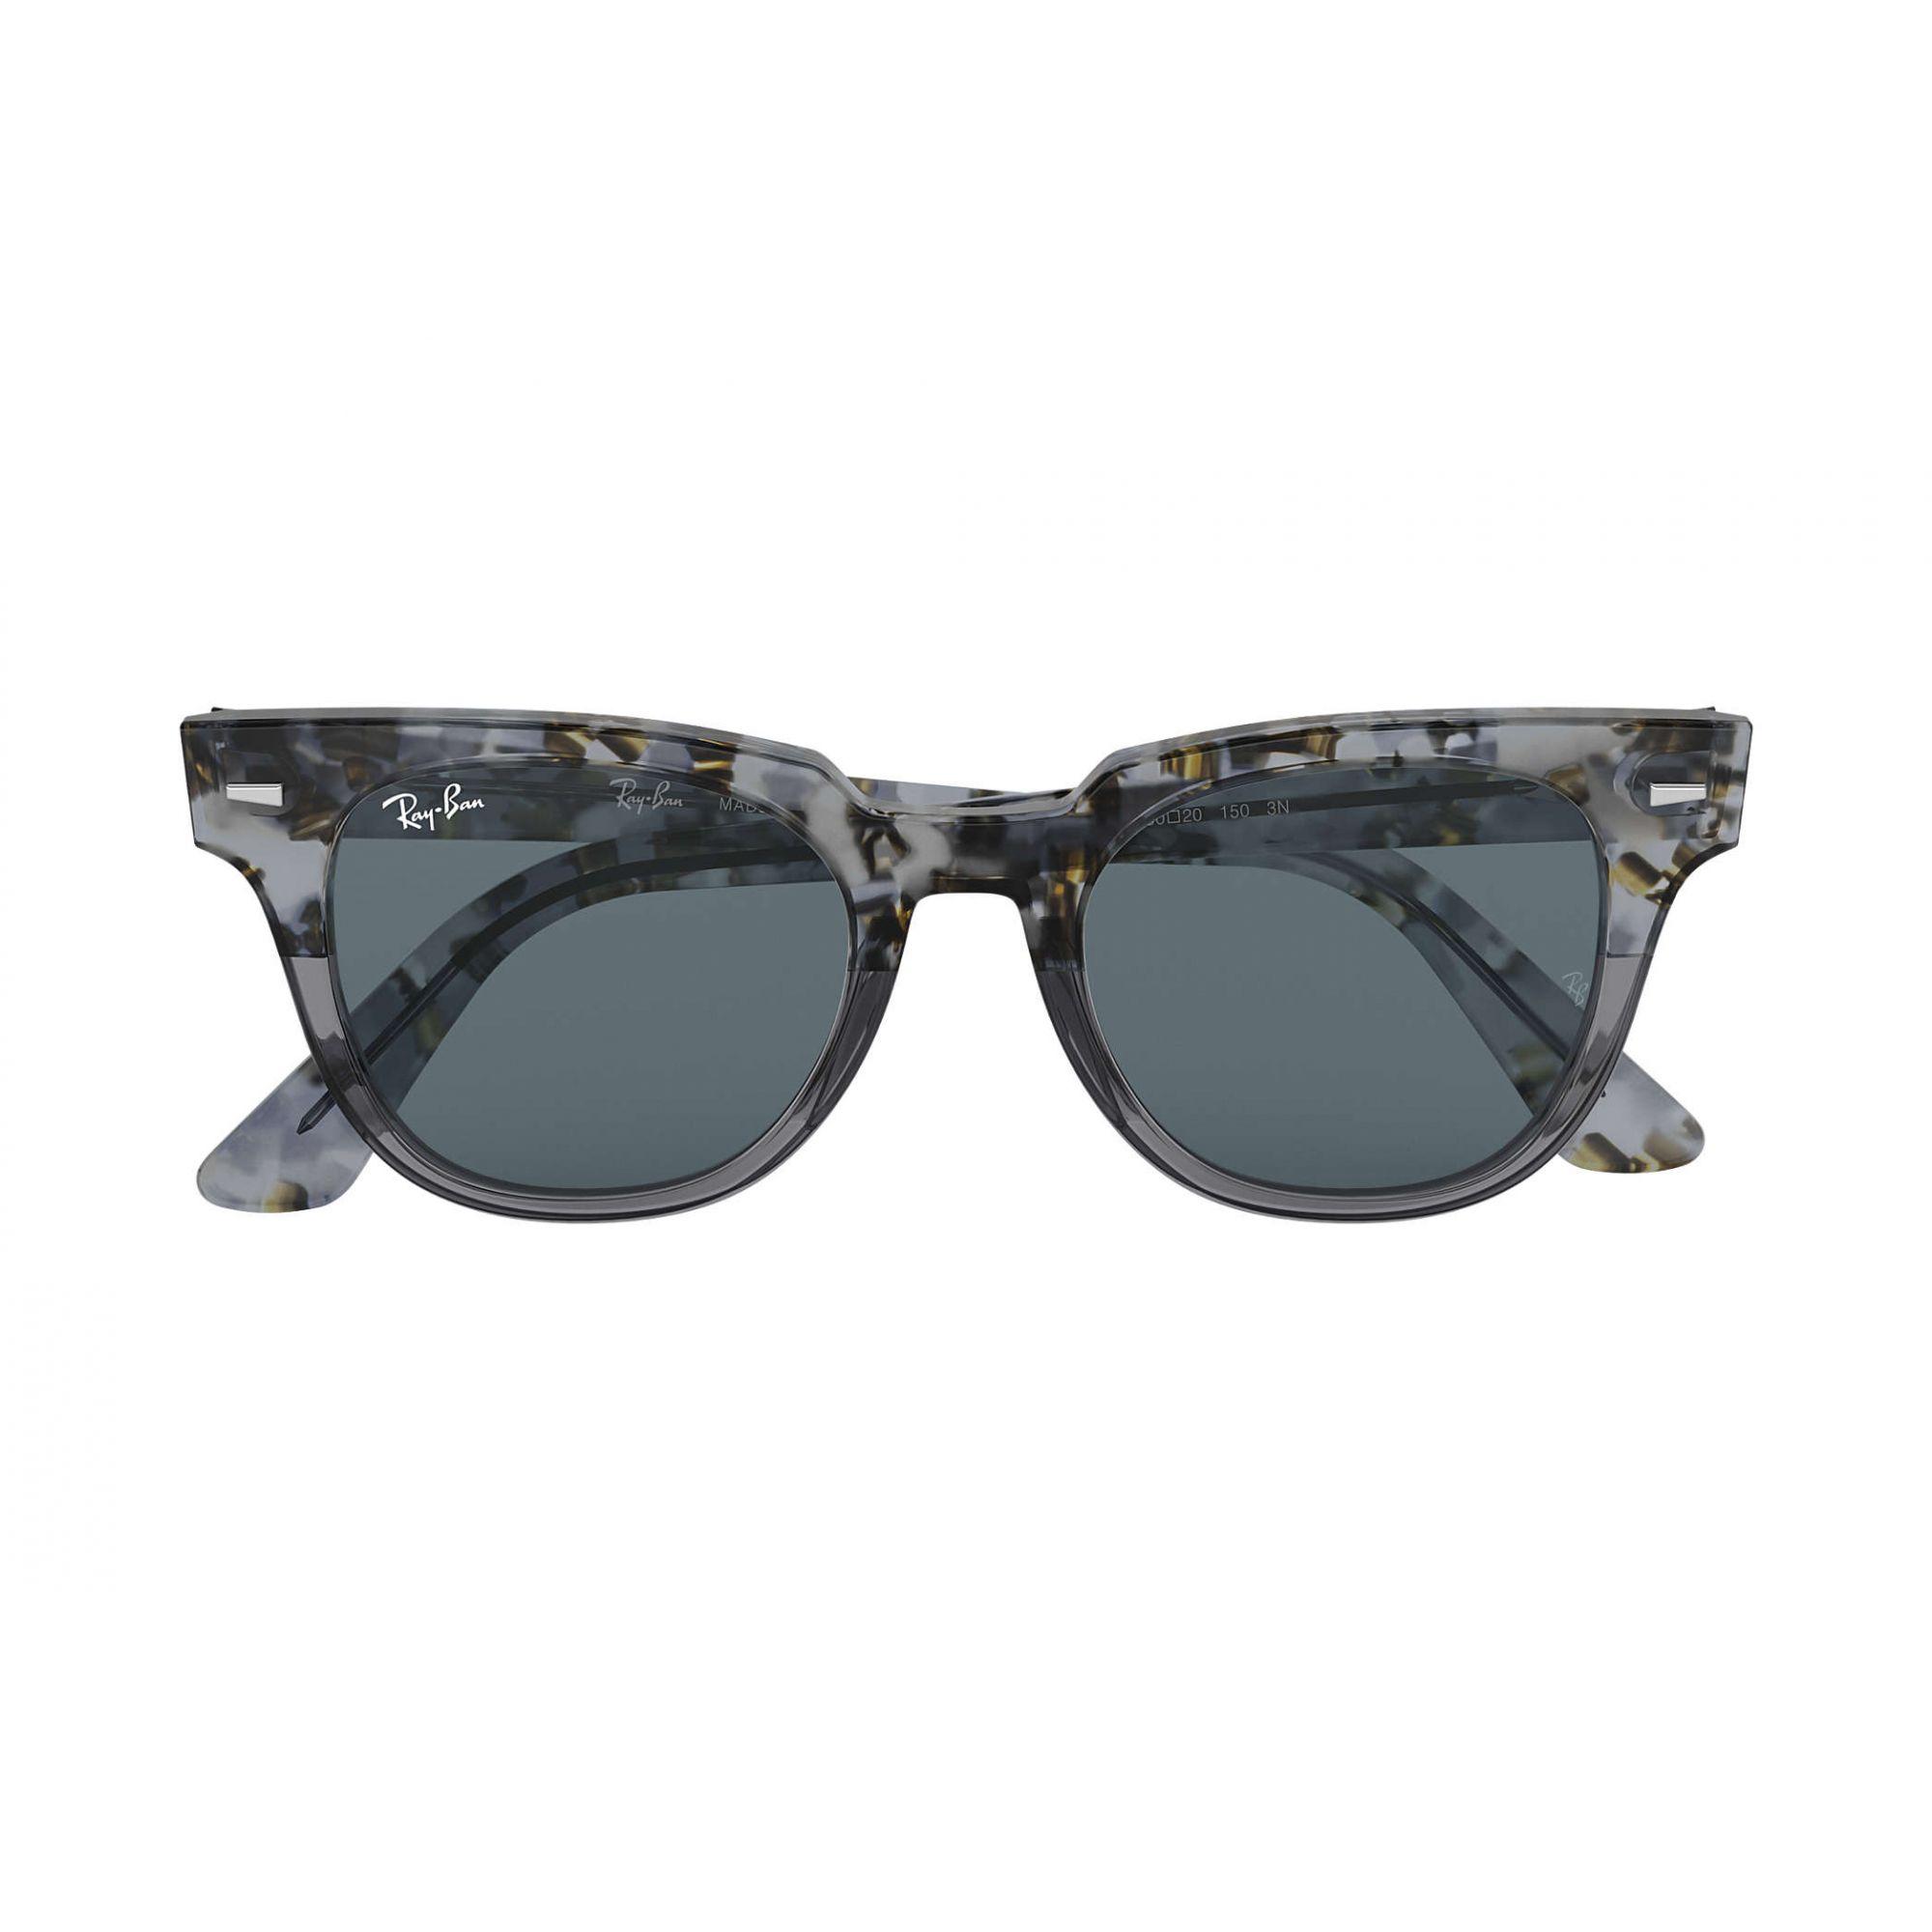 Ray Ban - RB2168 1286R5 - Óculos de sol